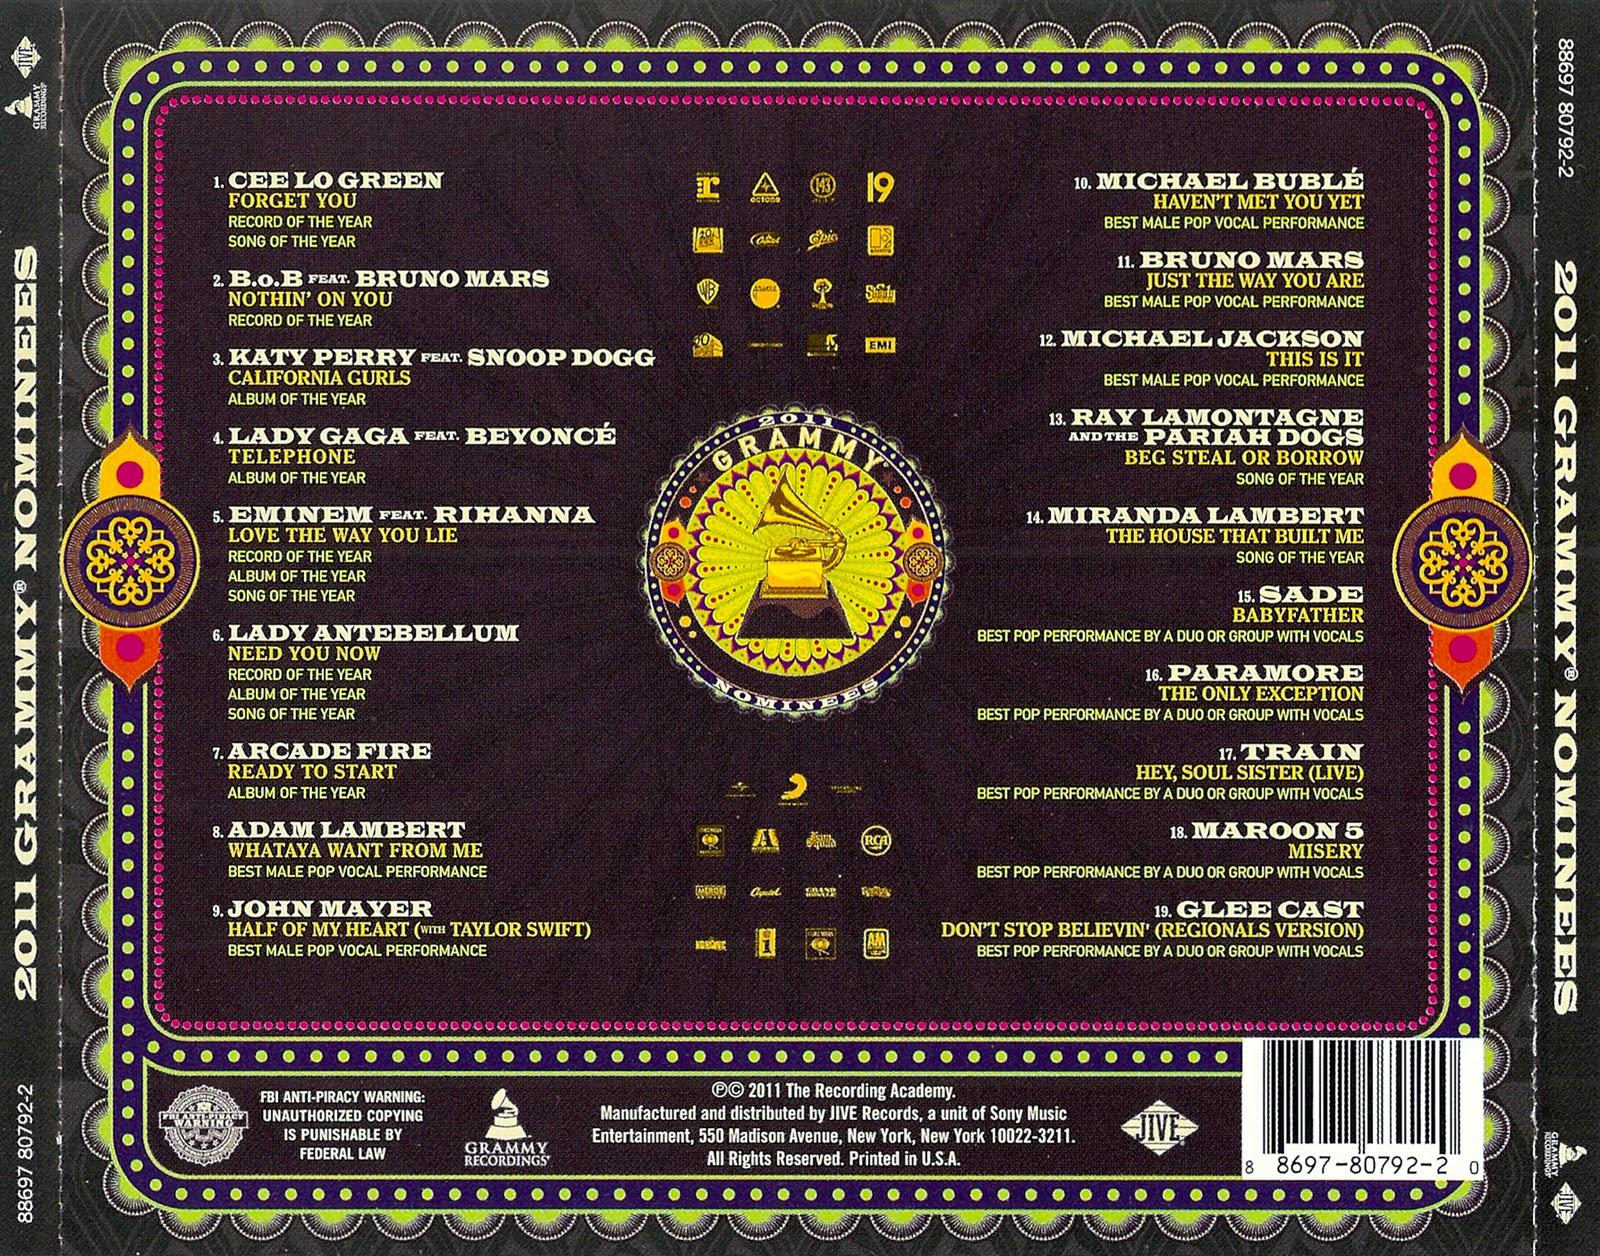 Popn Underground Music: 2011 Grammy Nominees - VA Music